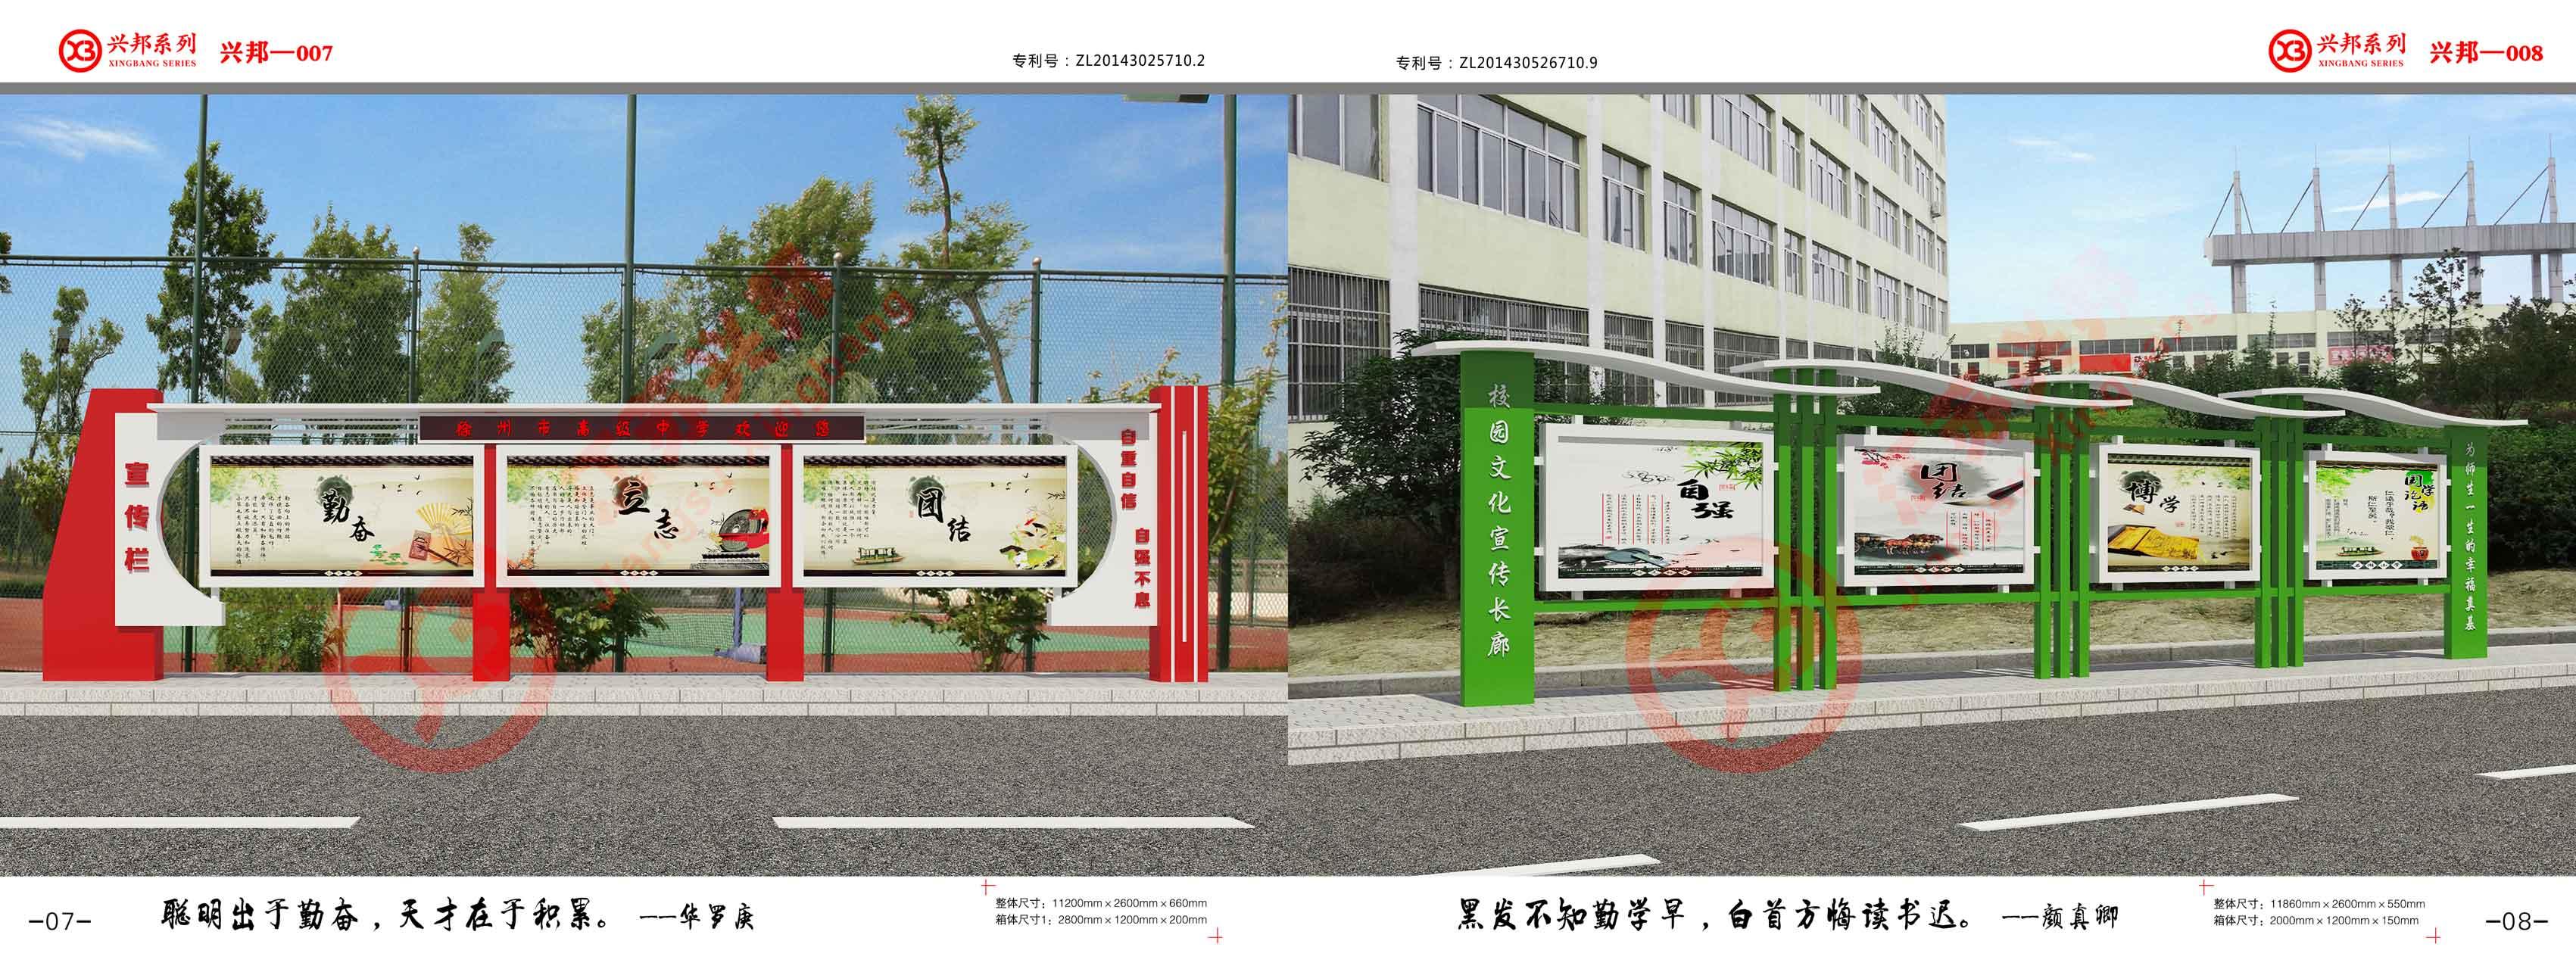 宣传栏 兴邦--07  兴邦--08 宣传栏厂家